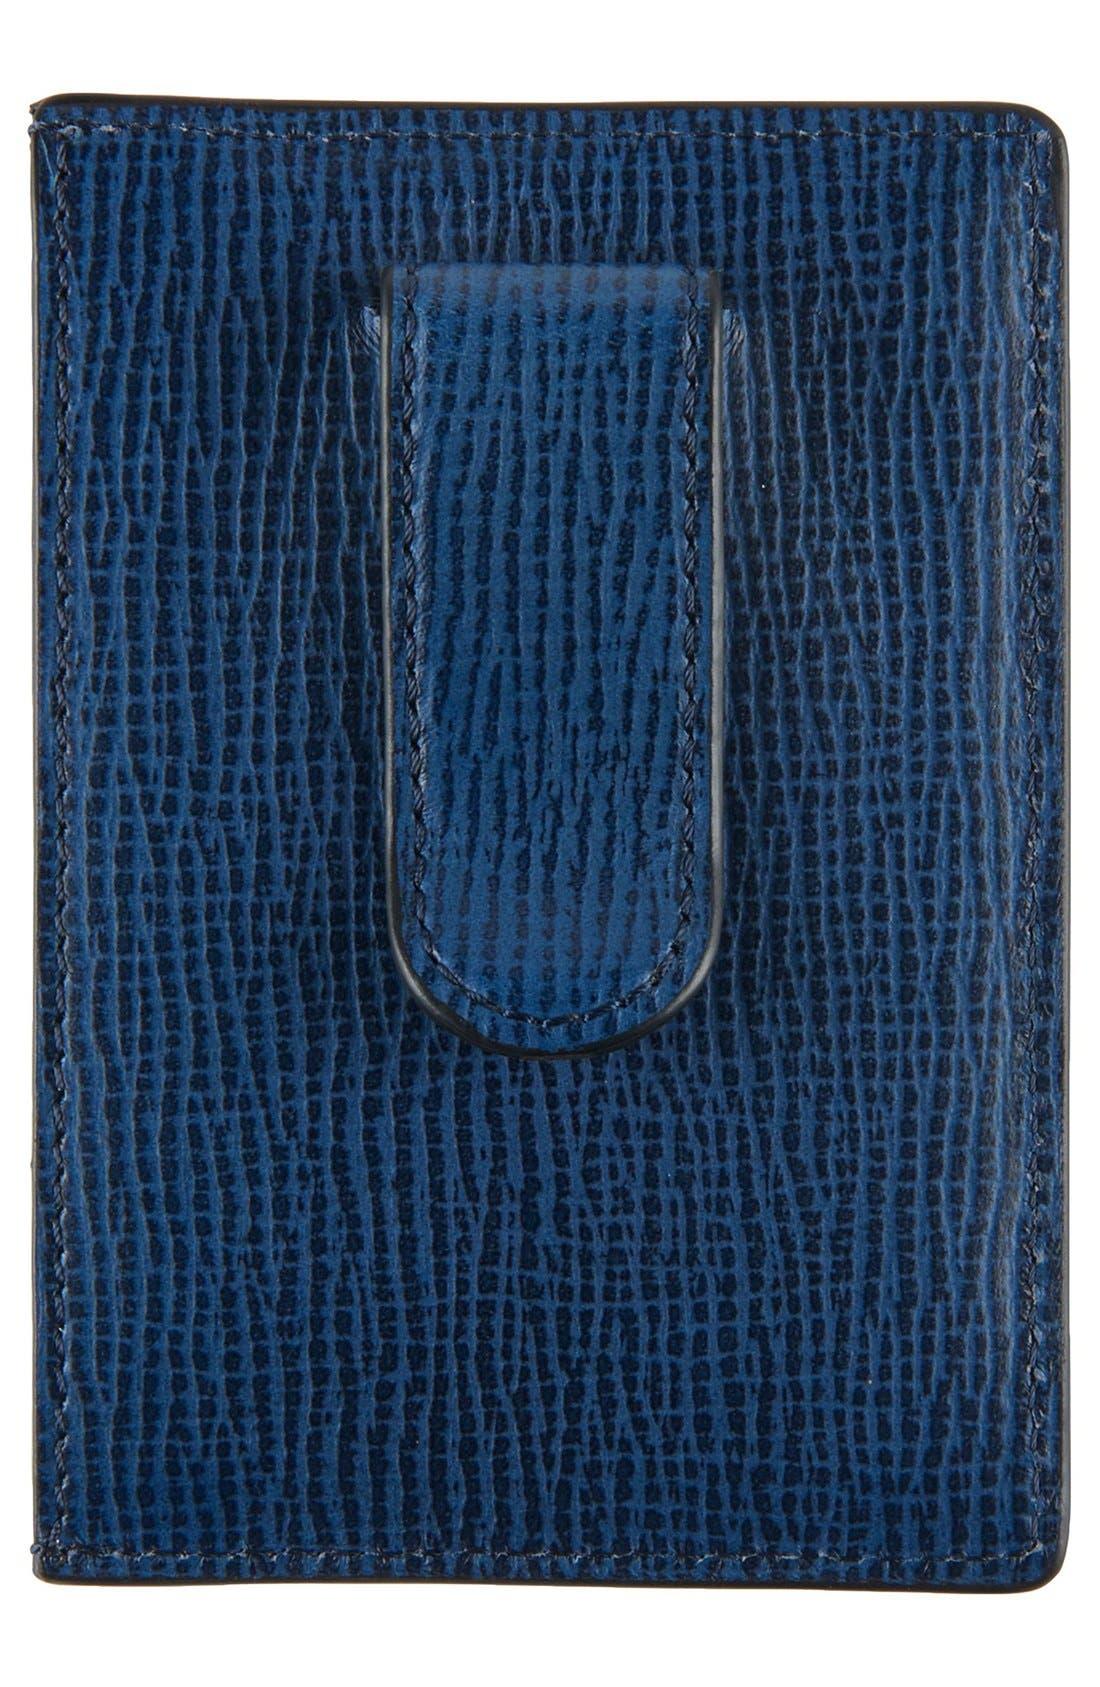 Monaco Leather Money Clip Card Case,                             Alternate thumbnail 2, color,                             Cobalt